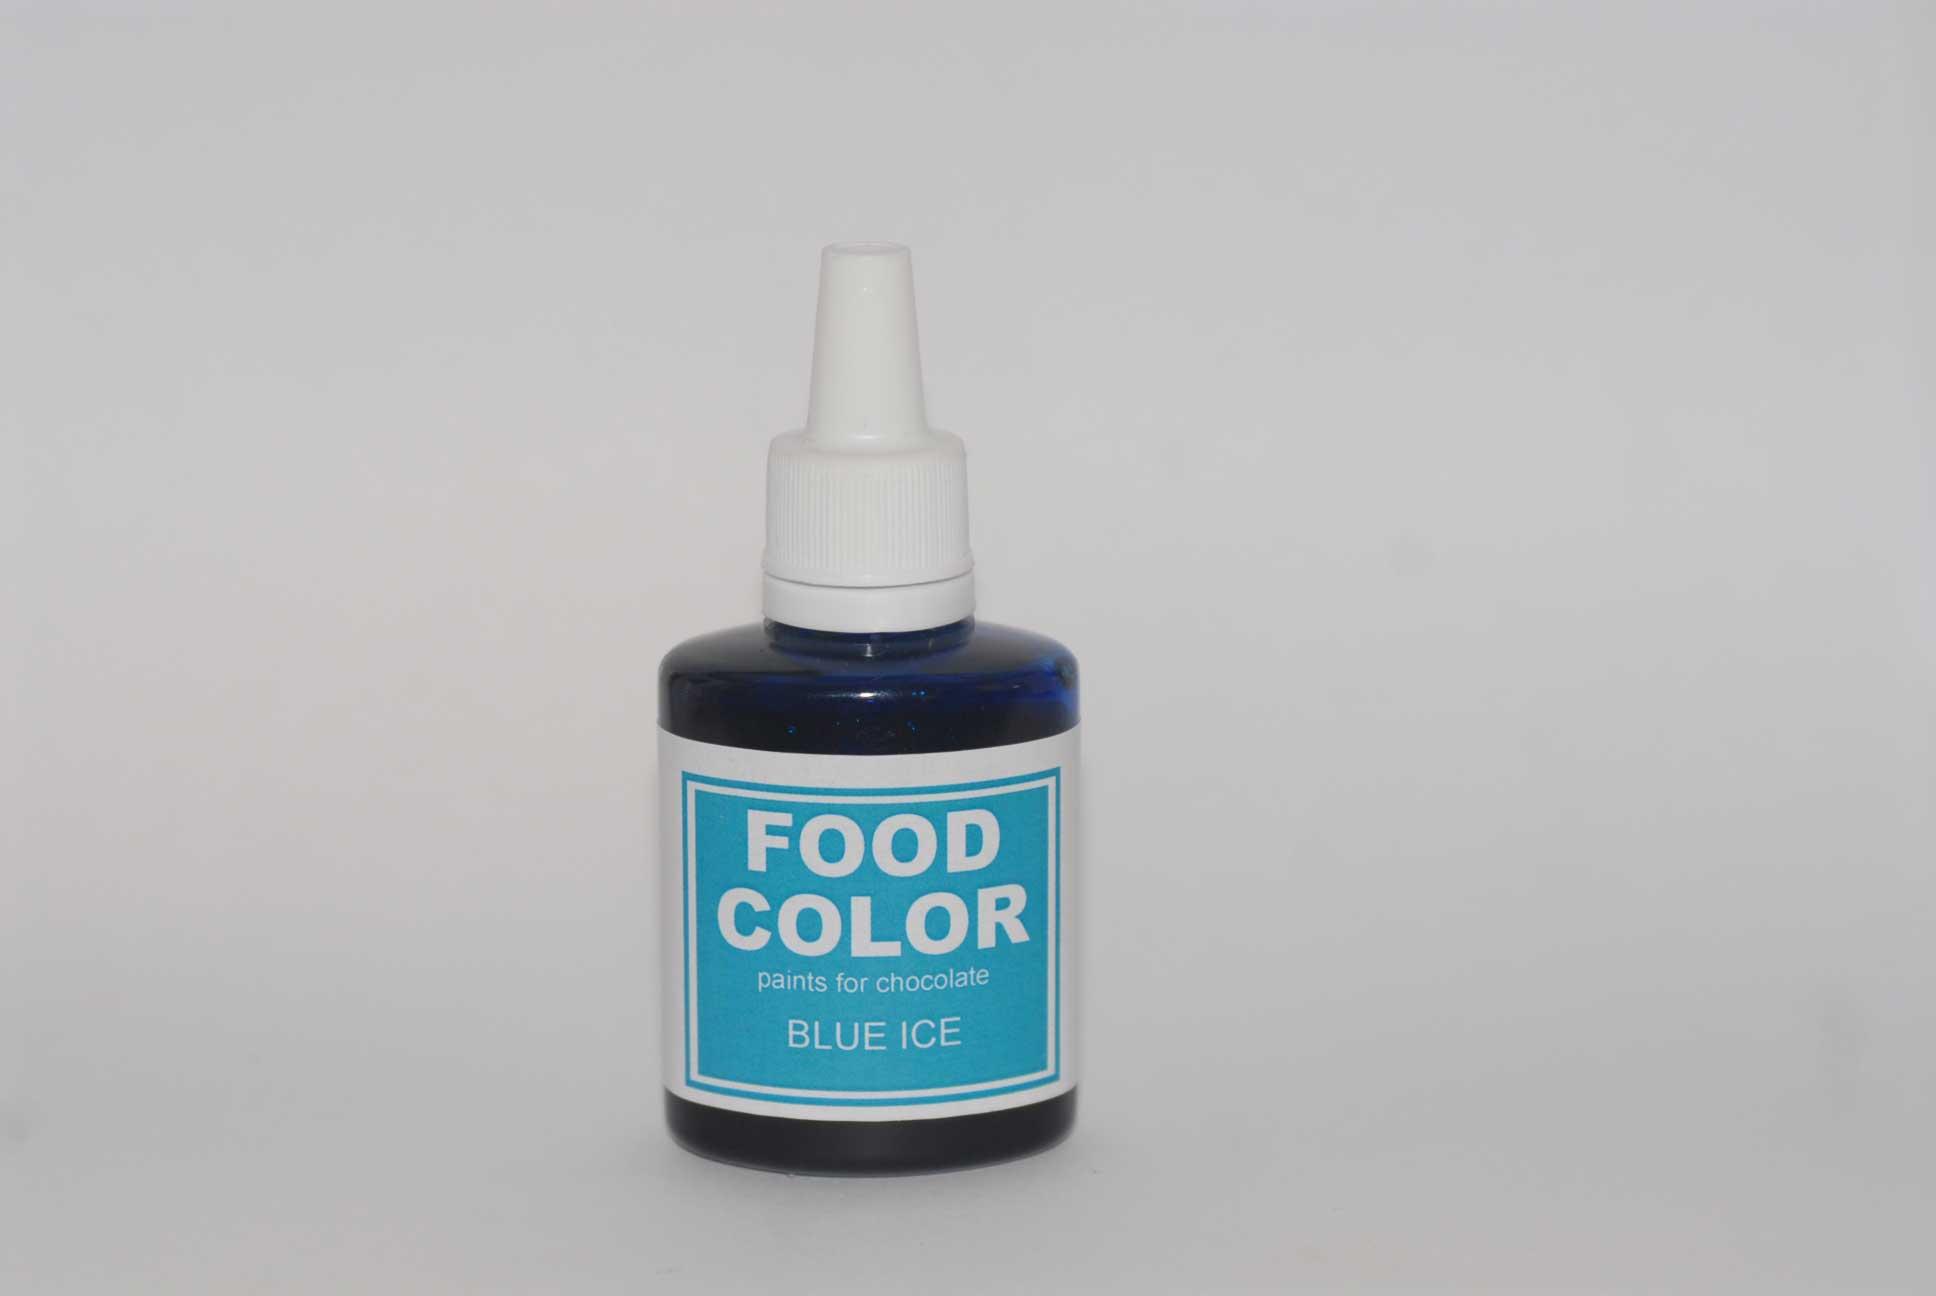 Краситель для шоколада FOOD COLOR Blue Ice / Голубой лёд, 25 гр